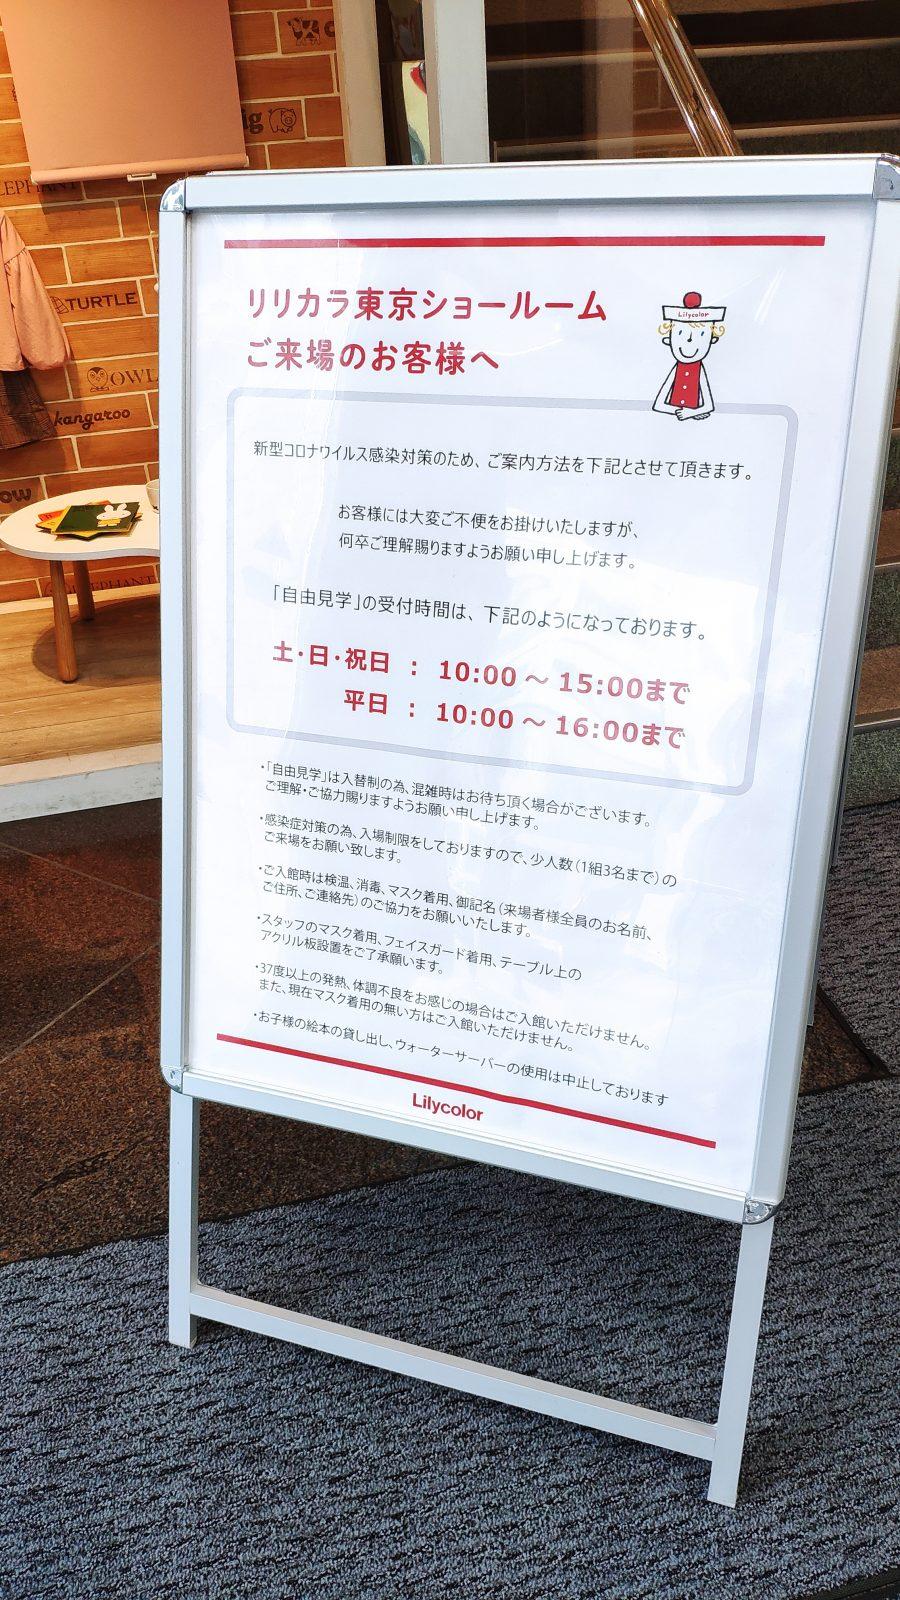 リリカラ東京ショールームの自由見学の案内